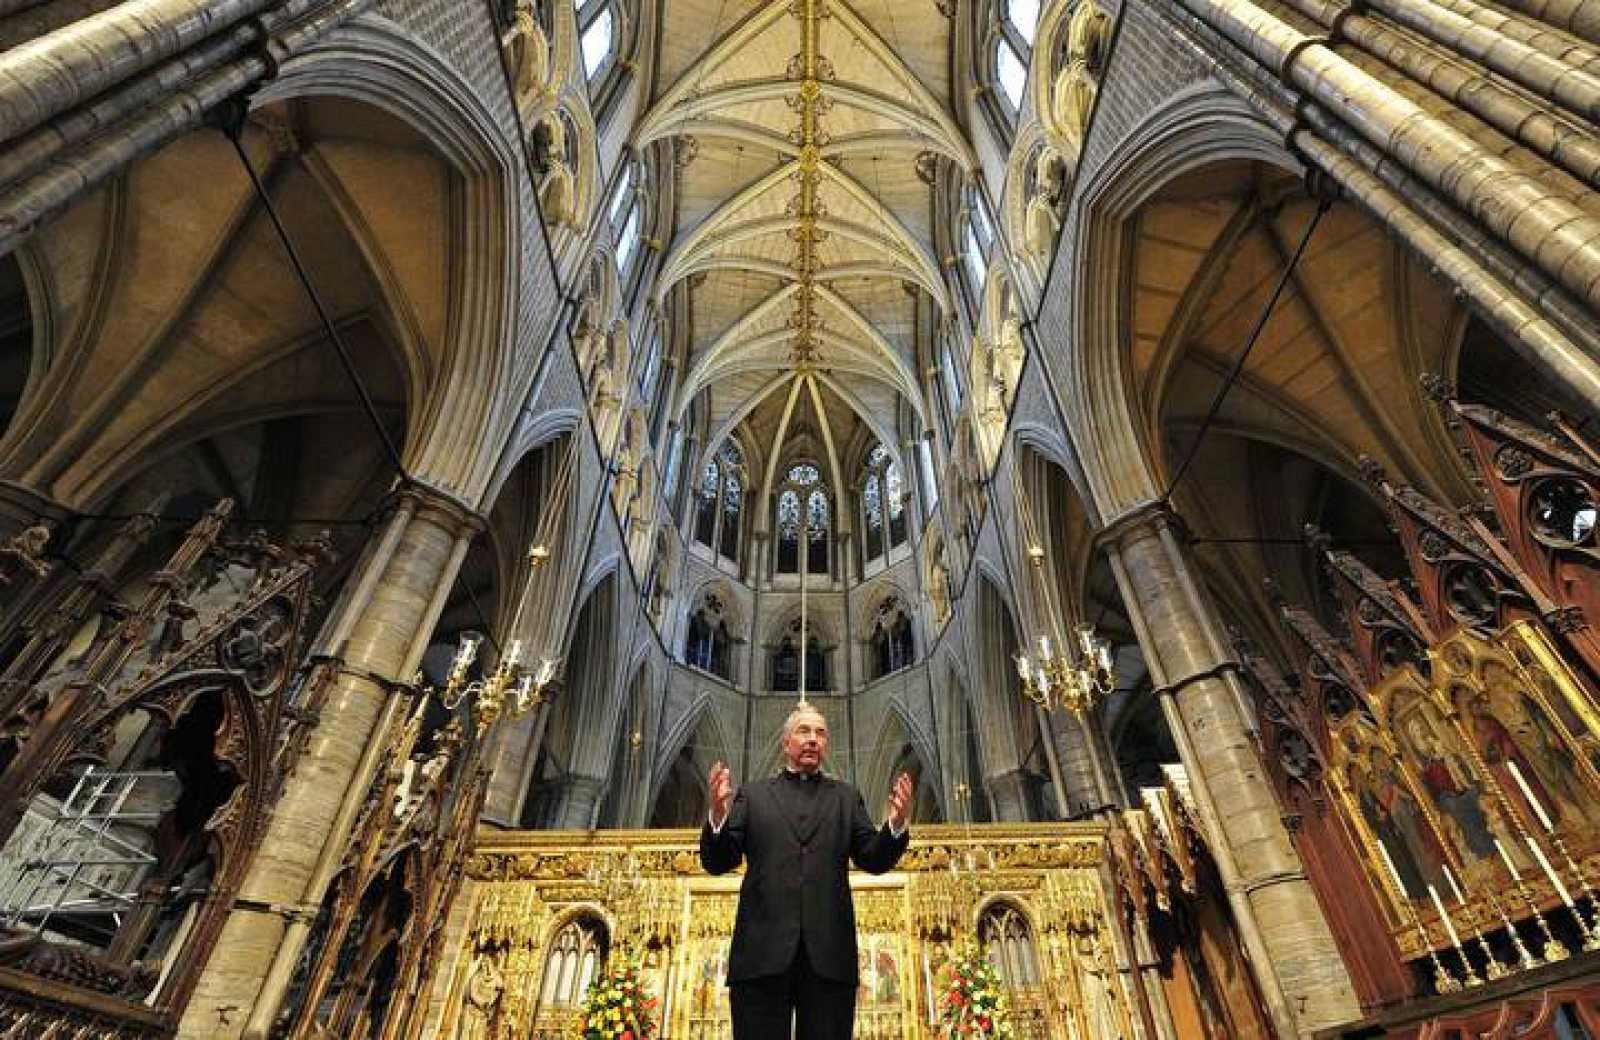 La abadía de Westminster será el lugar de celebración de la boda entre el príncipe Guillermo y Kate Middleton.